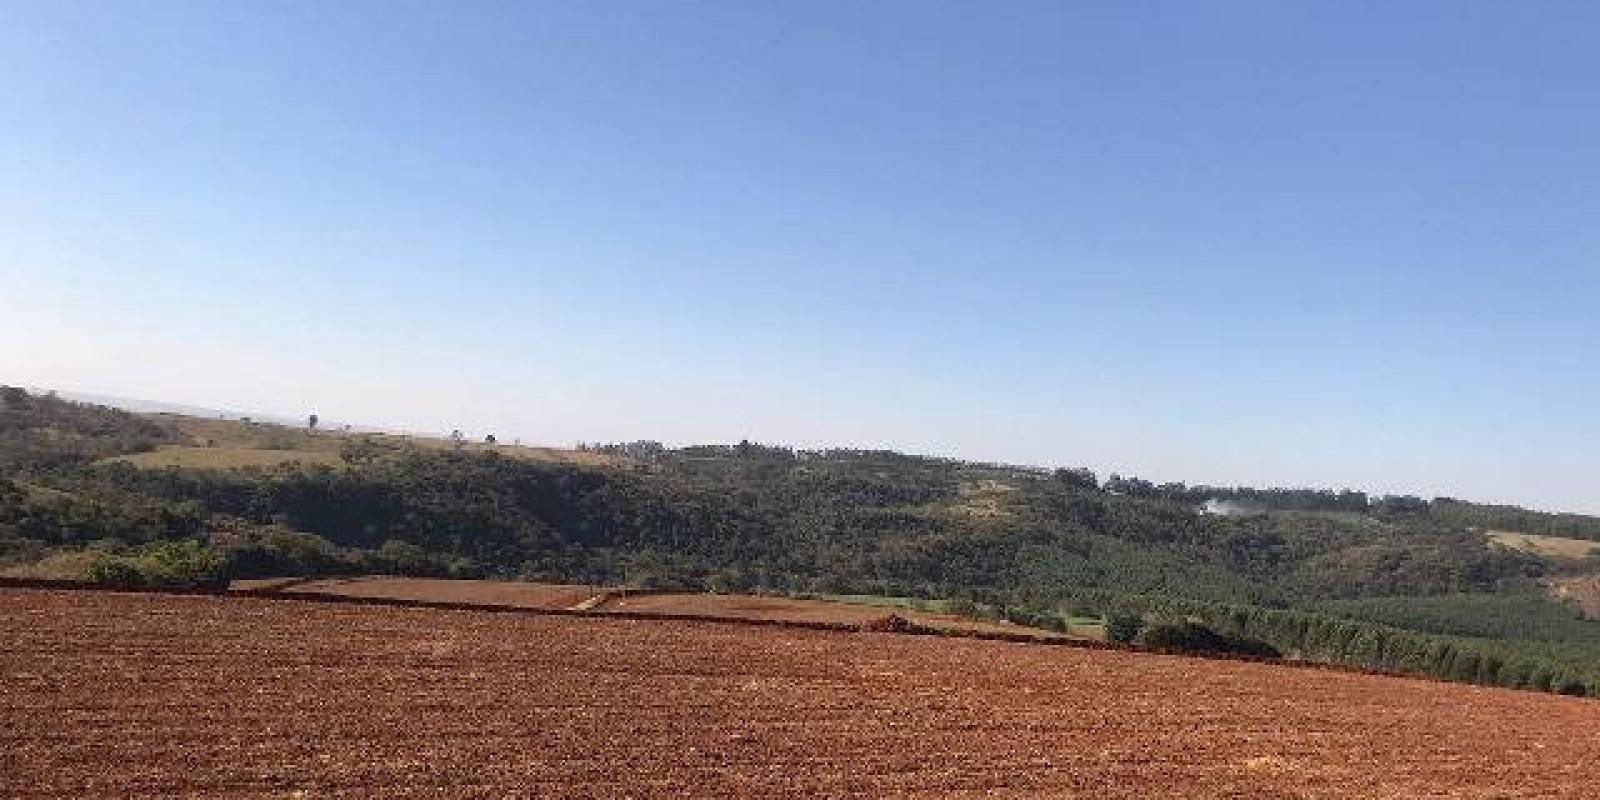 Fazenda de 40 Alqueires, Município de Sarutaiá Sp - Foto 17 de 20